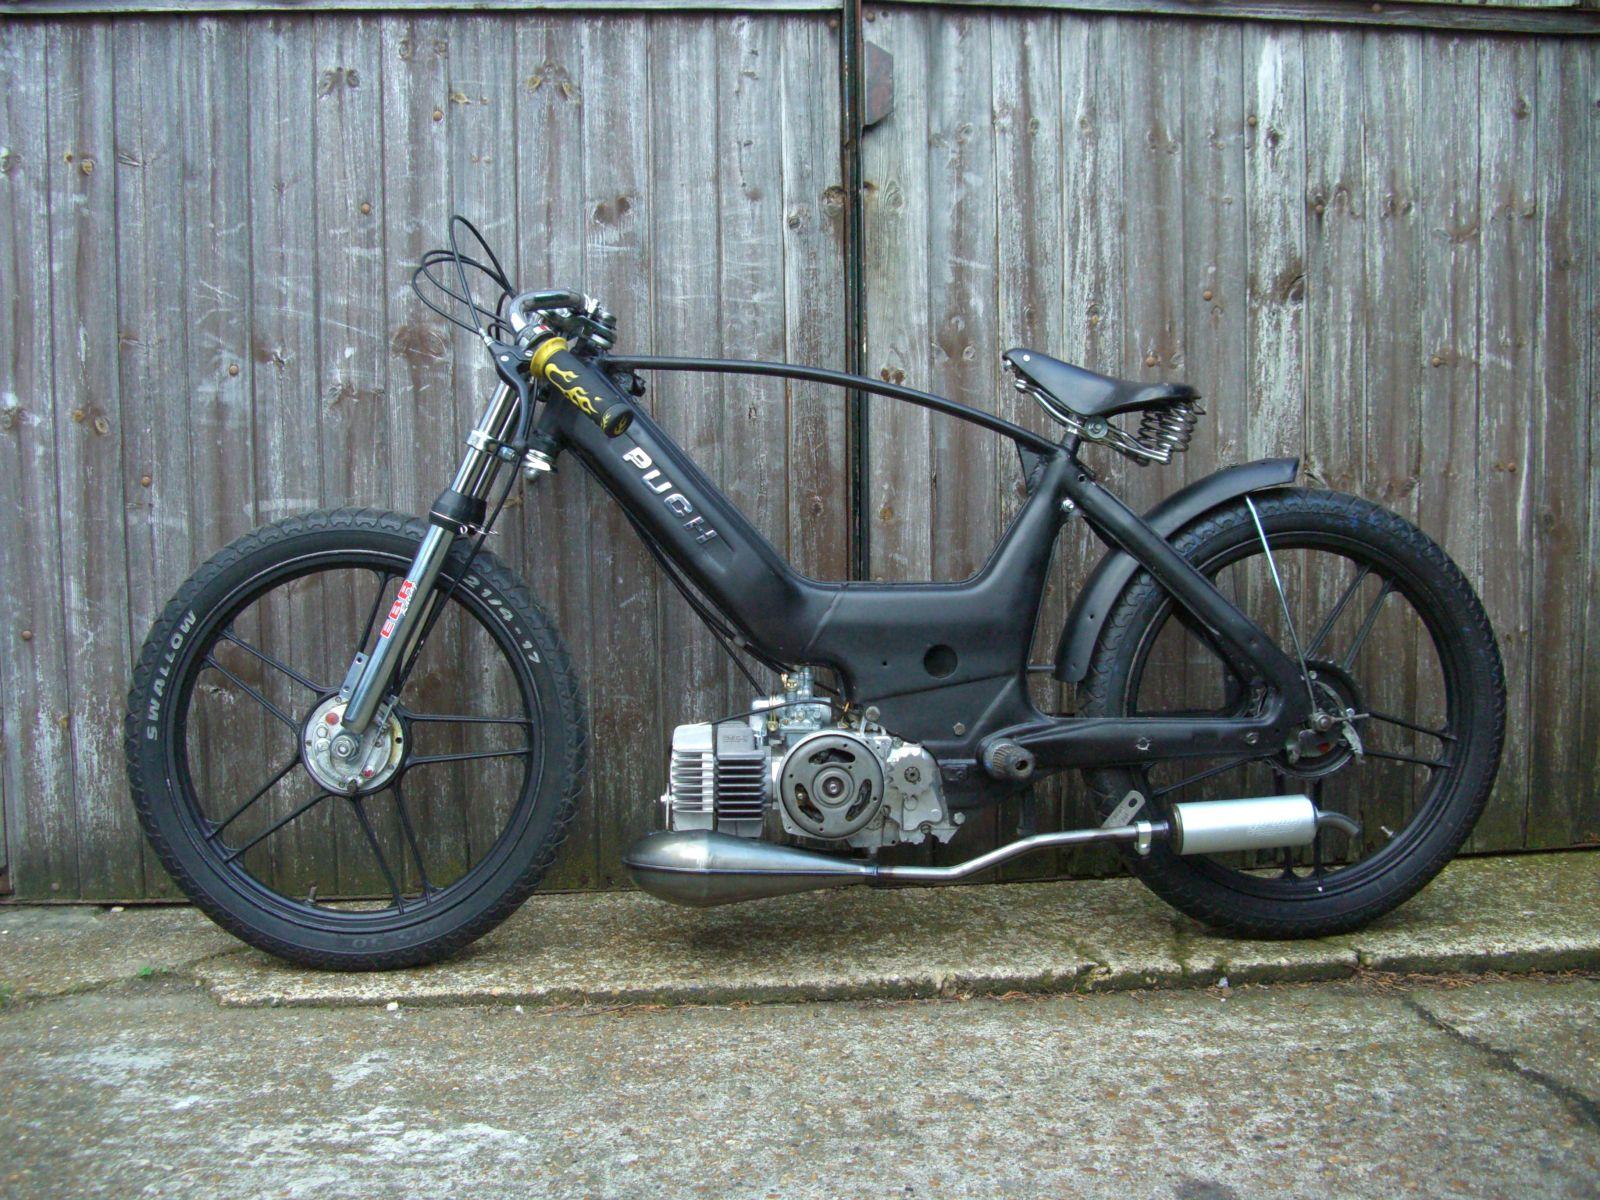 Moped manual